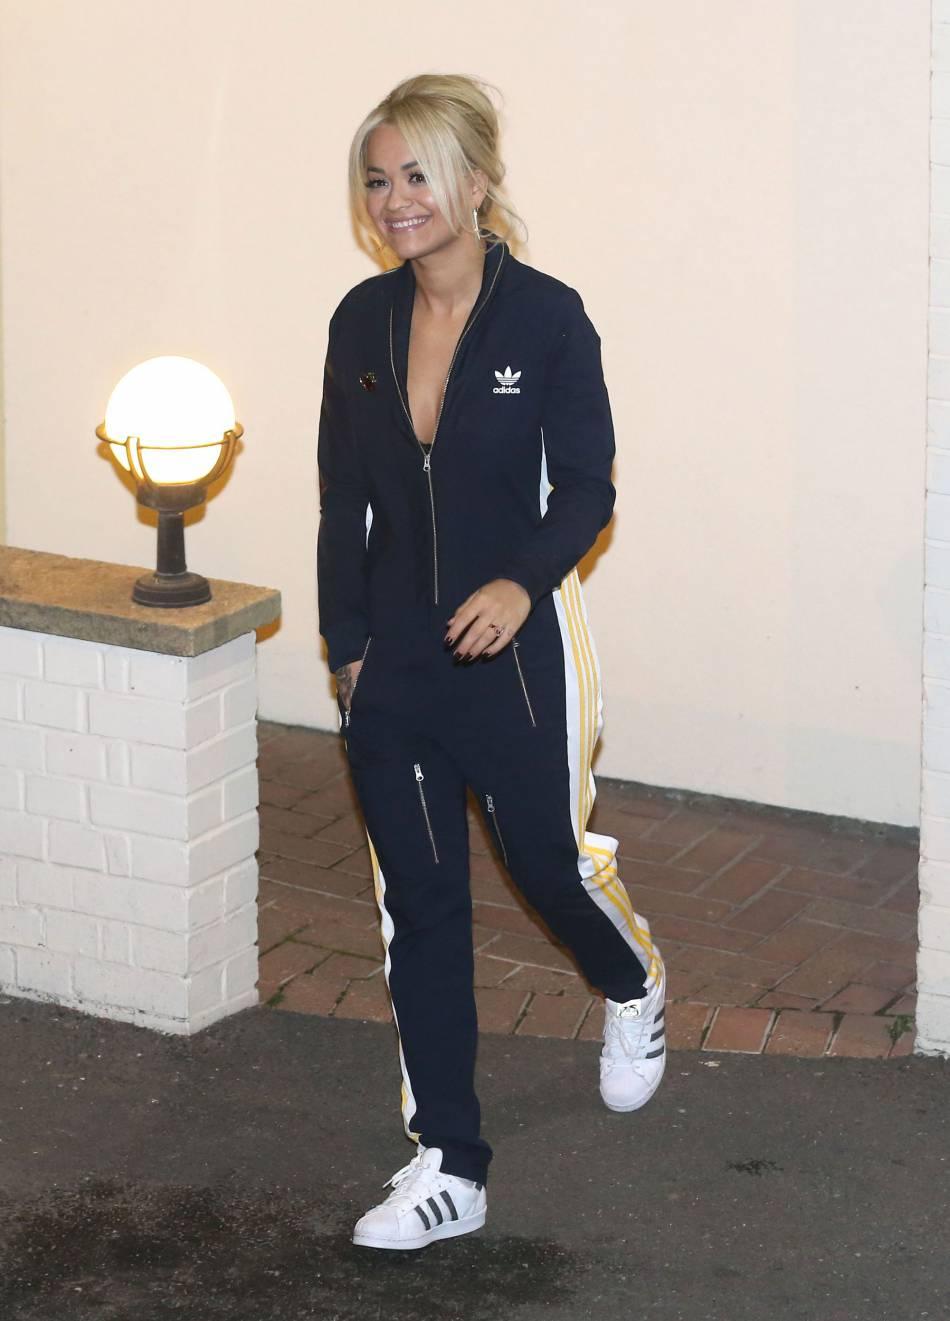 Quand Rita Ora ne porte pas le jogging elle enfile de la lingerie fine et le montre à tout le monde.